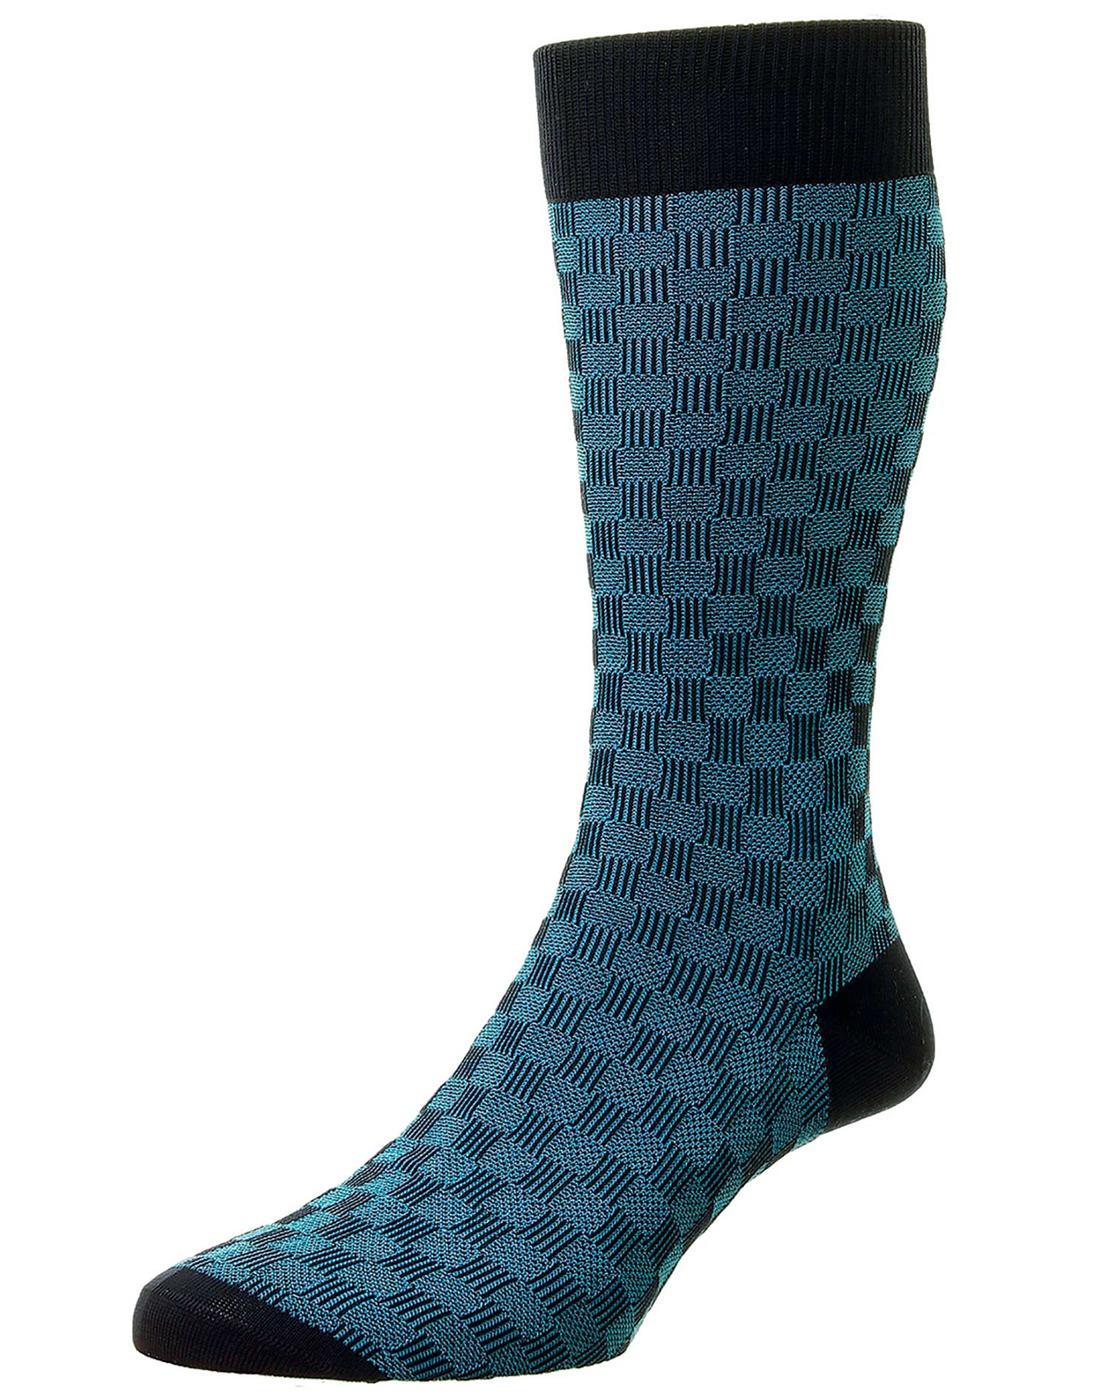 + Patino PANTHERELLA Men's 3D Basketweave Socks N